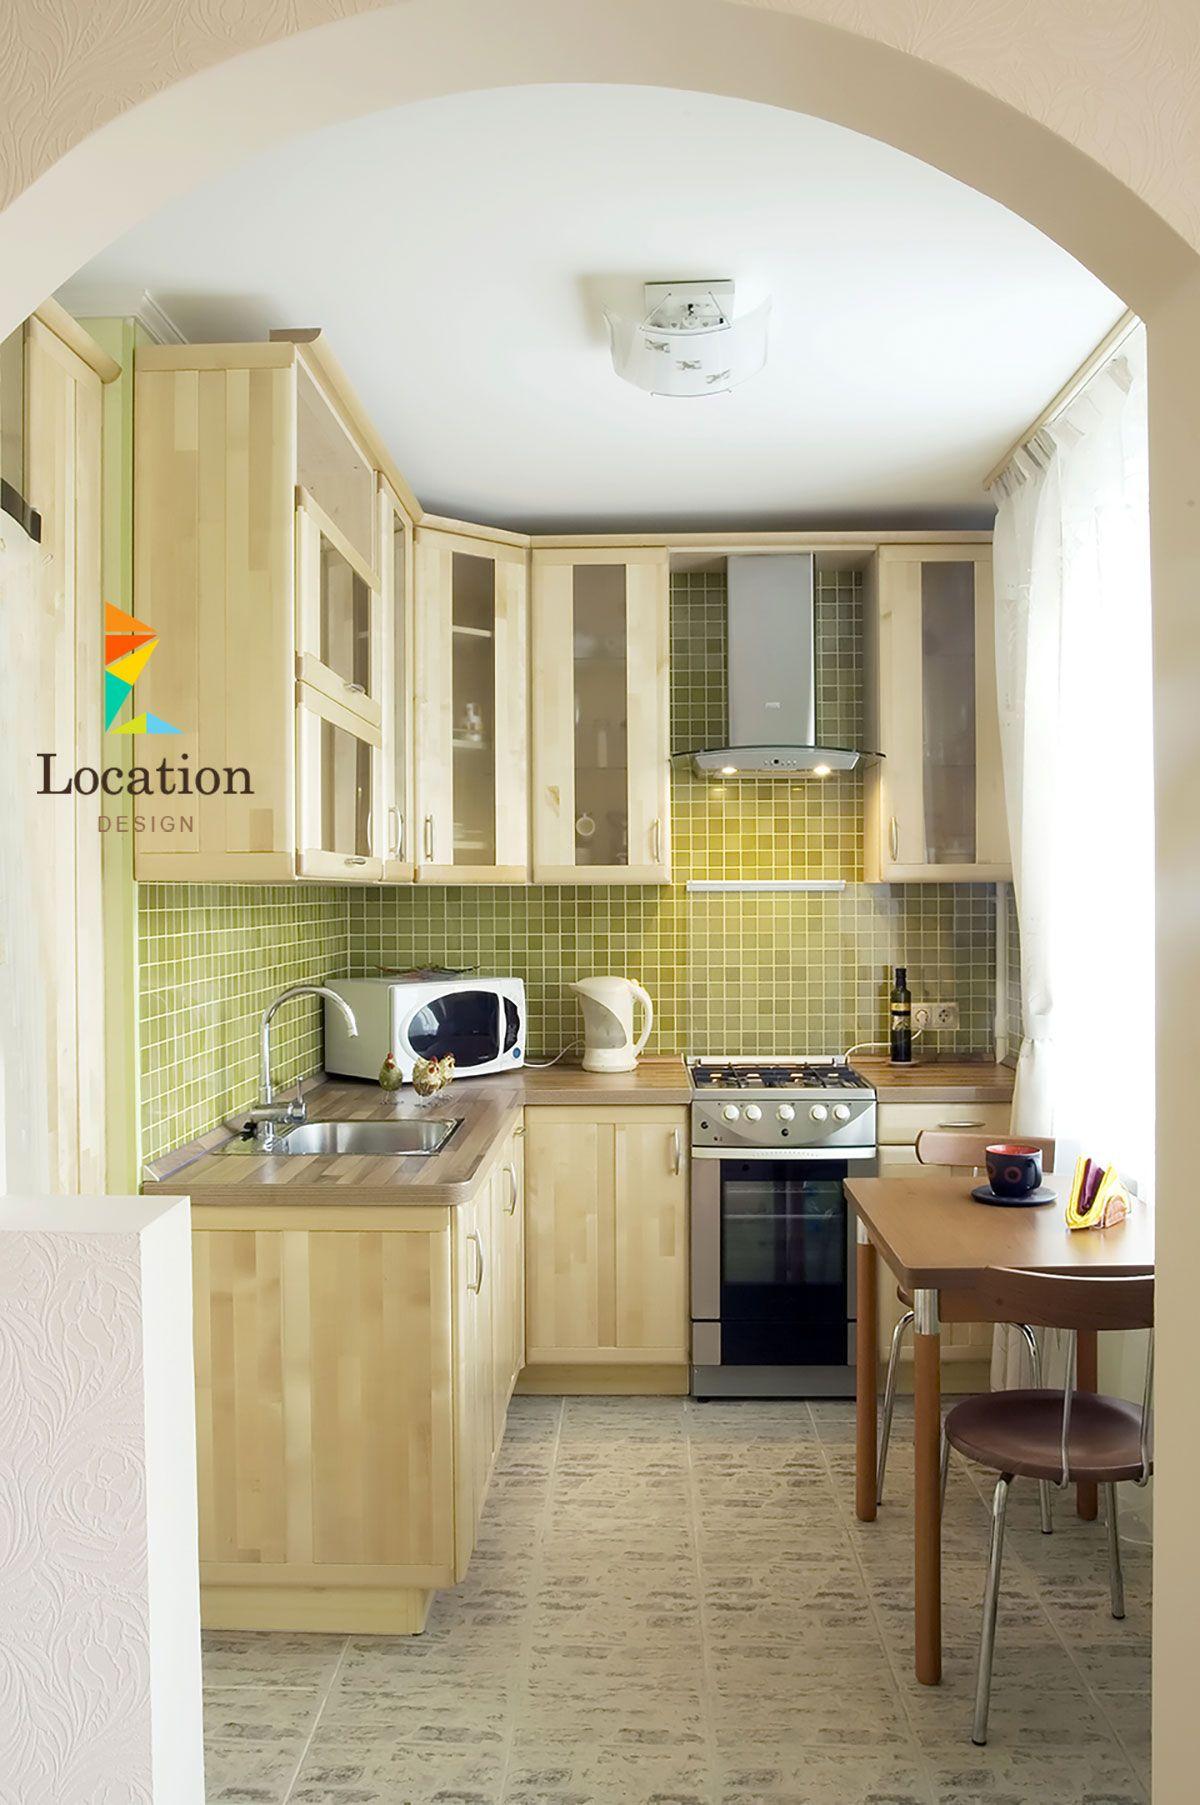 مطابخ 2016 أحدث 20 تصميم لمطابخ مودرن للمساحات الصغيرة والصغيرة جدا لوكشين ديزين نت Kitchen Design Small Small Space Kitchen Kitchen Design Small Space